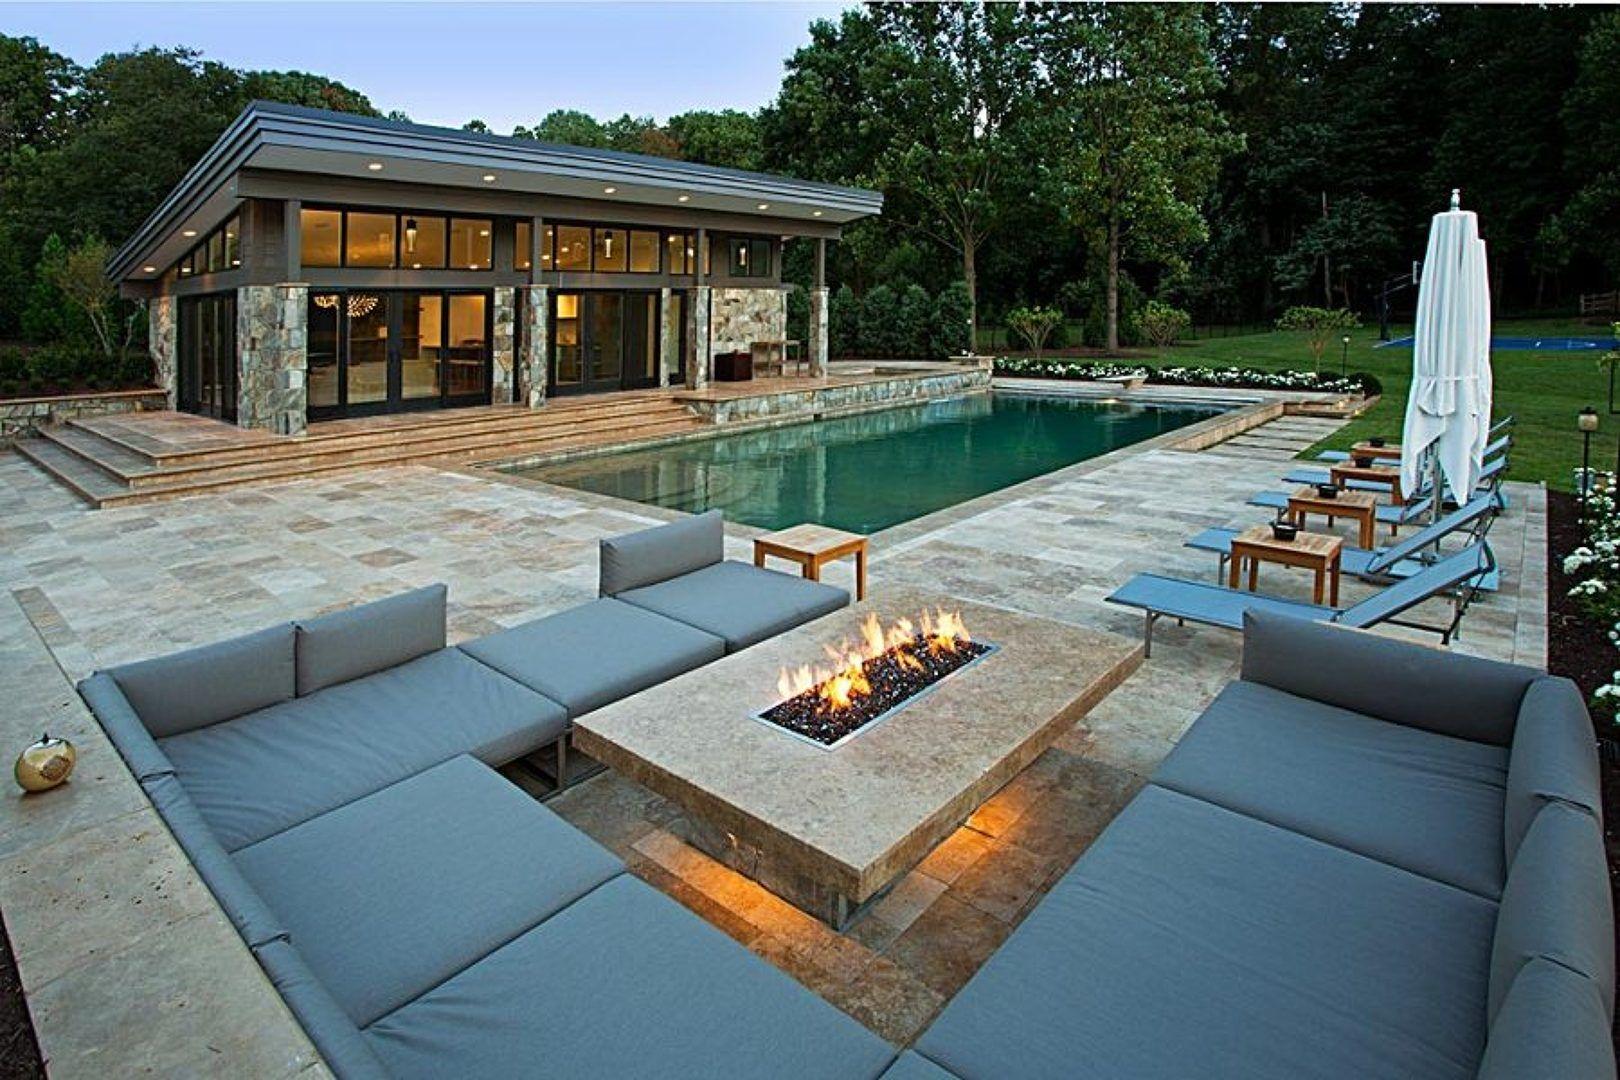 Jardines peque os de dise o con piscina casa dise o for Diseno jardin pequeno con piscina